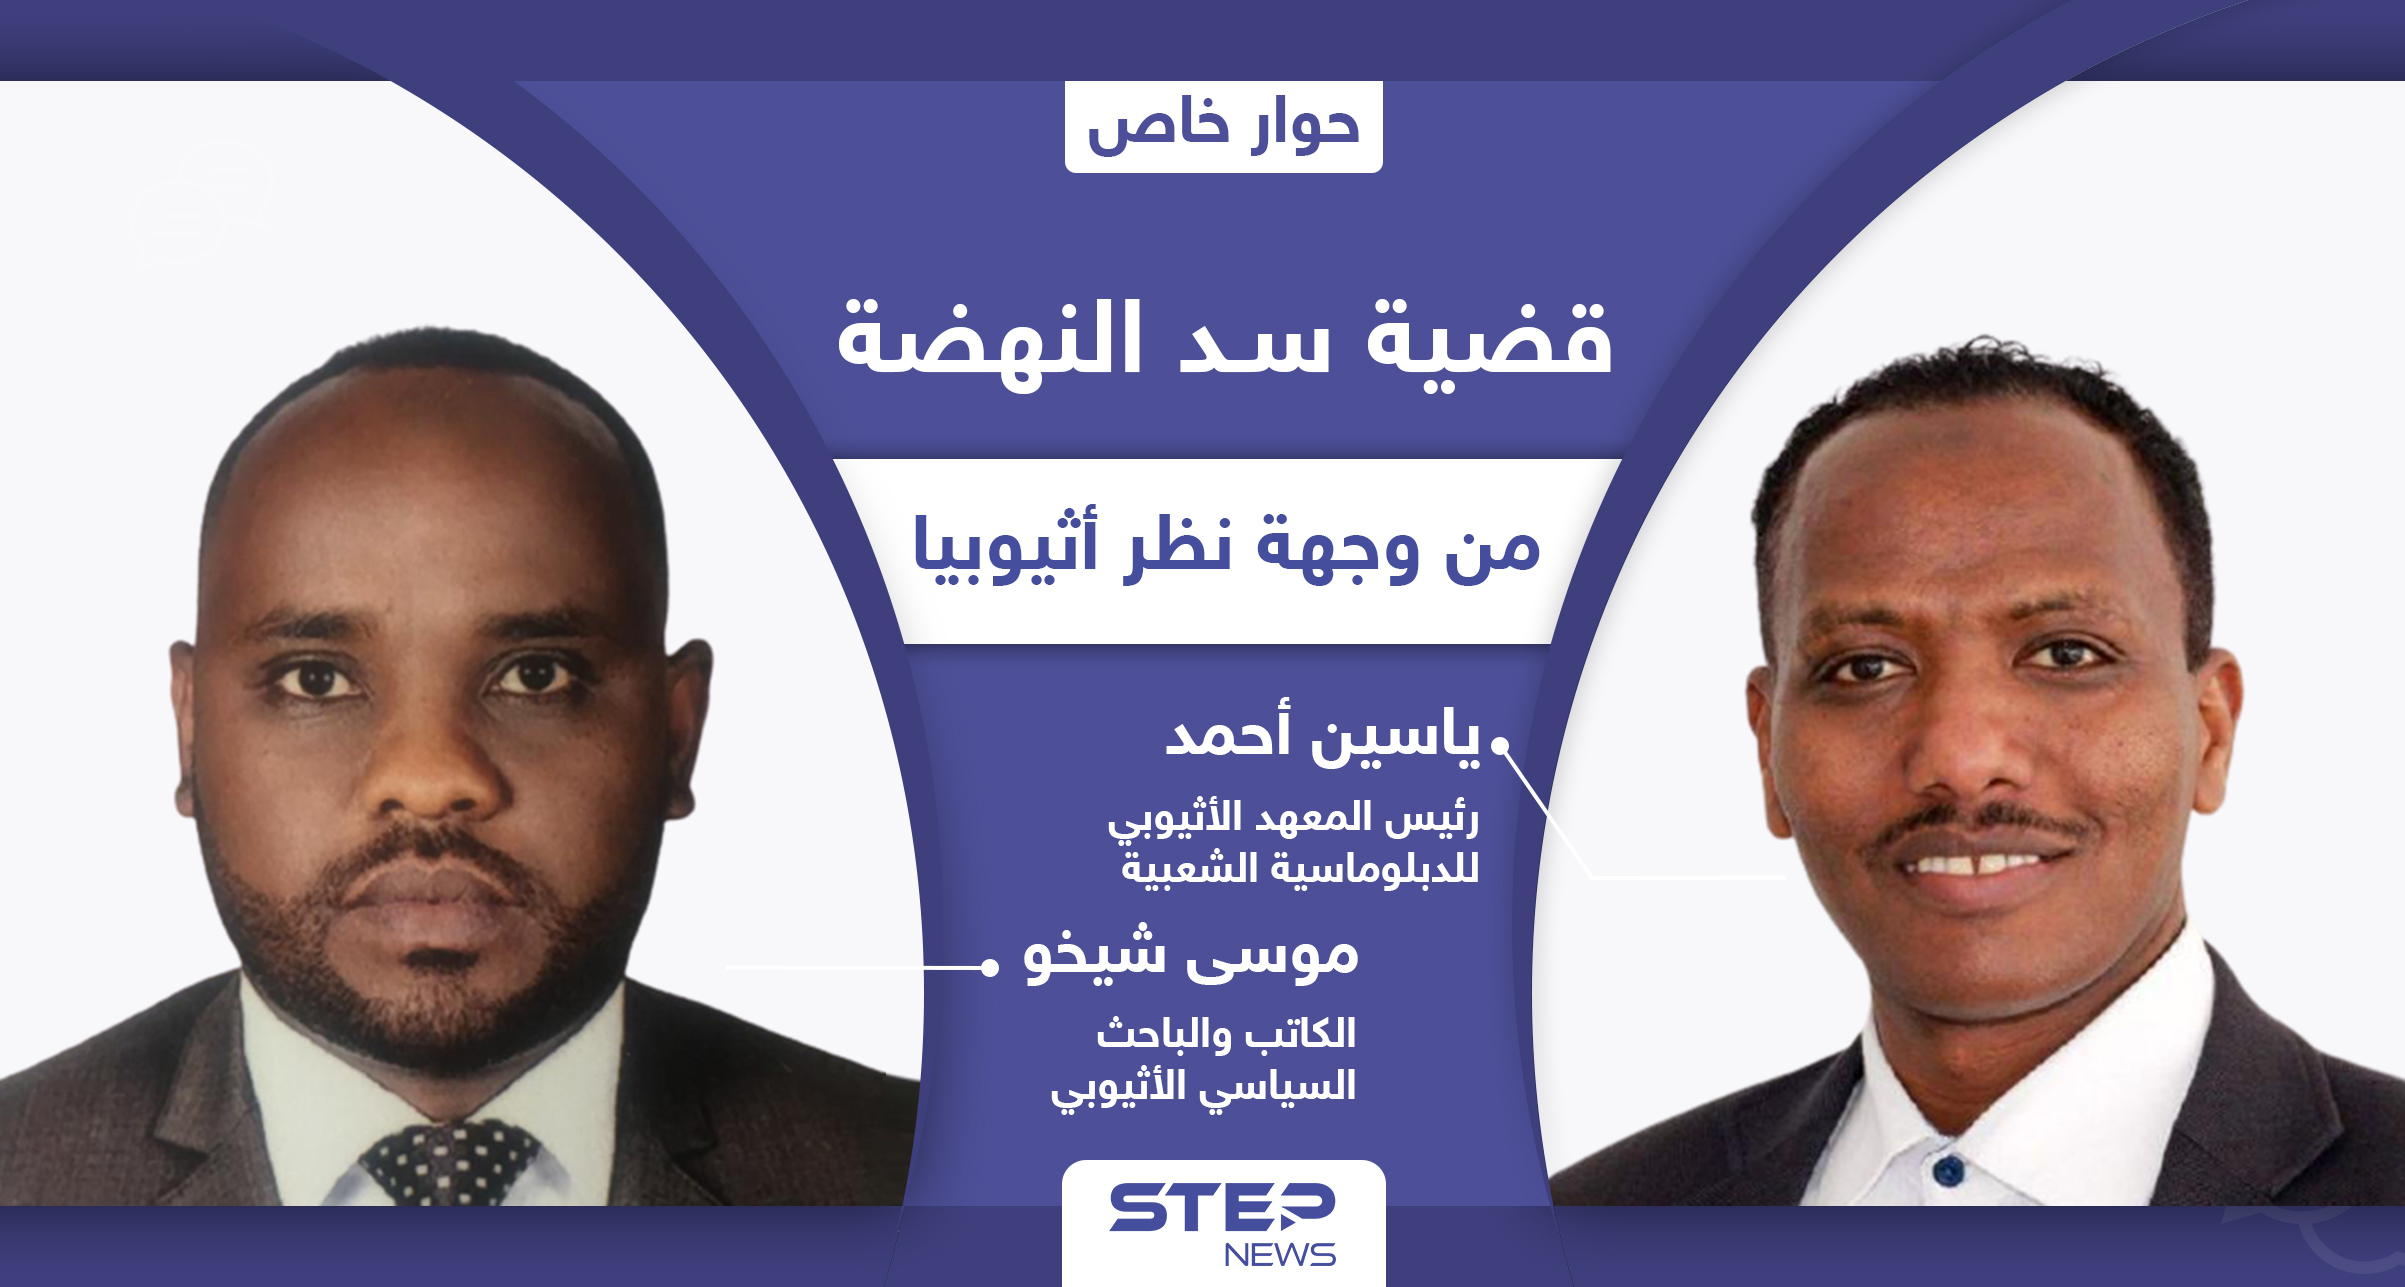 قضية سد النهضة من وجهة نظر أثيوبيا.. ما شروطها وأهدافها وهل من حل عسكري